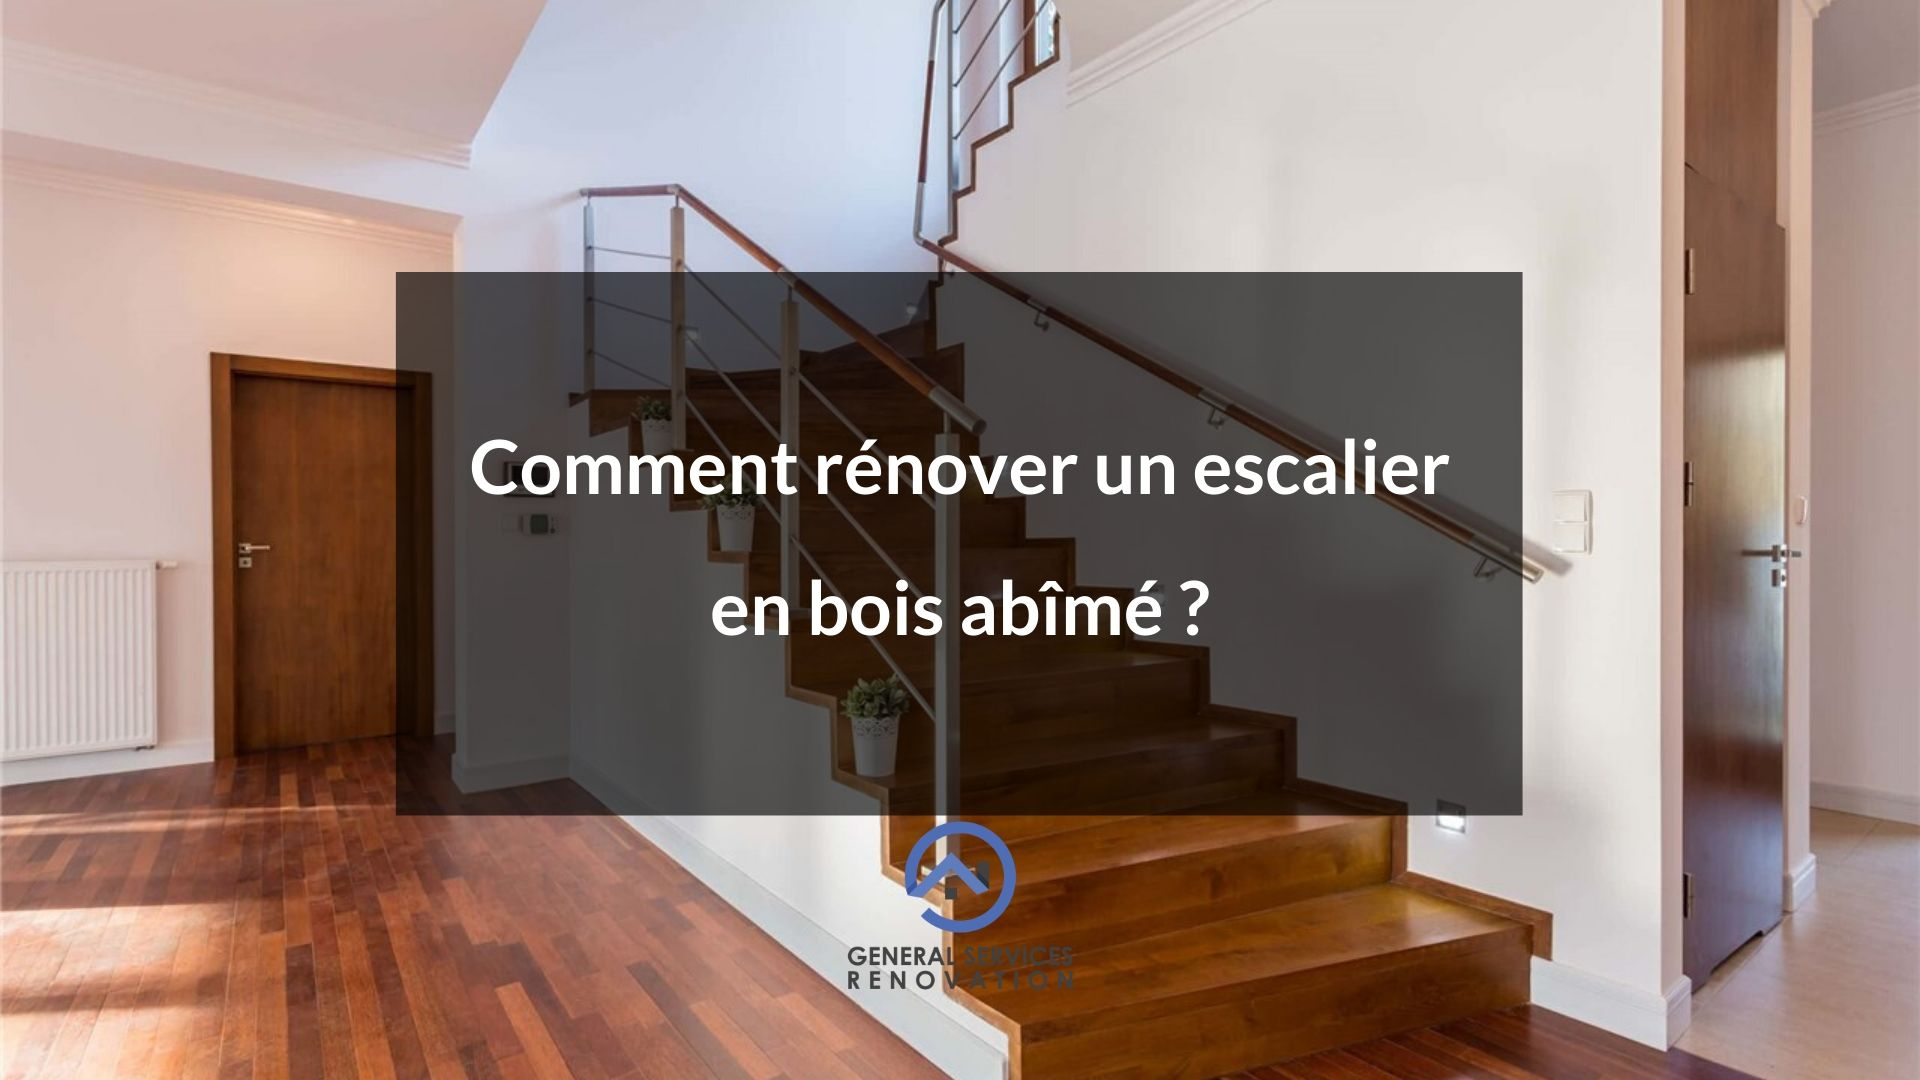 Comment Relooker Un Escalier En Carrelage comment rénover un escalier en bois abîmé ? - general services